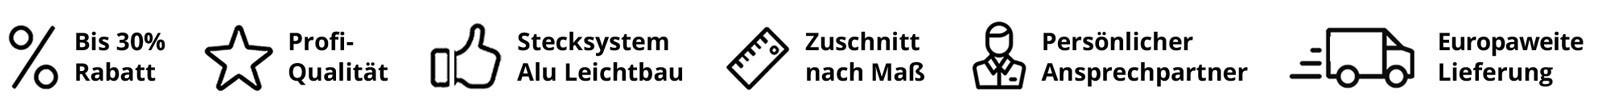 ALUSTECK® USP Vorteile Gewächshaus Stecksystem aus Aluprofilen - DIY Bauanleitung zum selber bauen